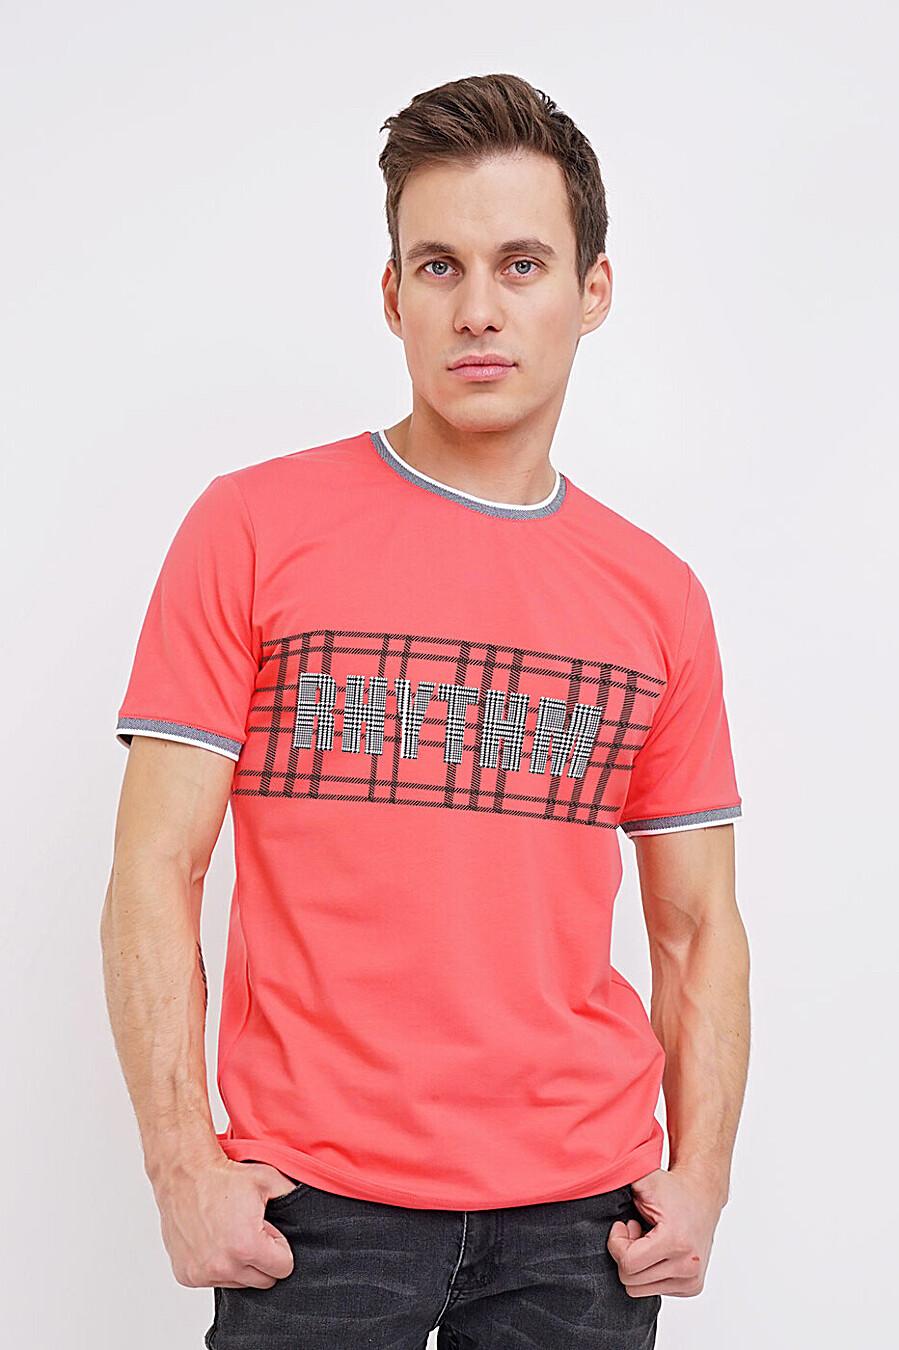 Футболка для мужчин CLEVER 649035 купить оптом от производителя. Совместная покупка мужской одежды в OptMoyo